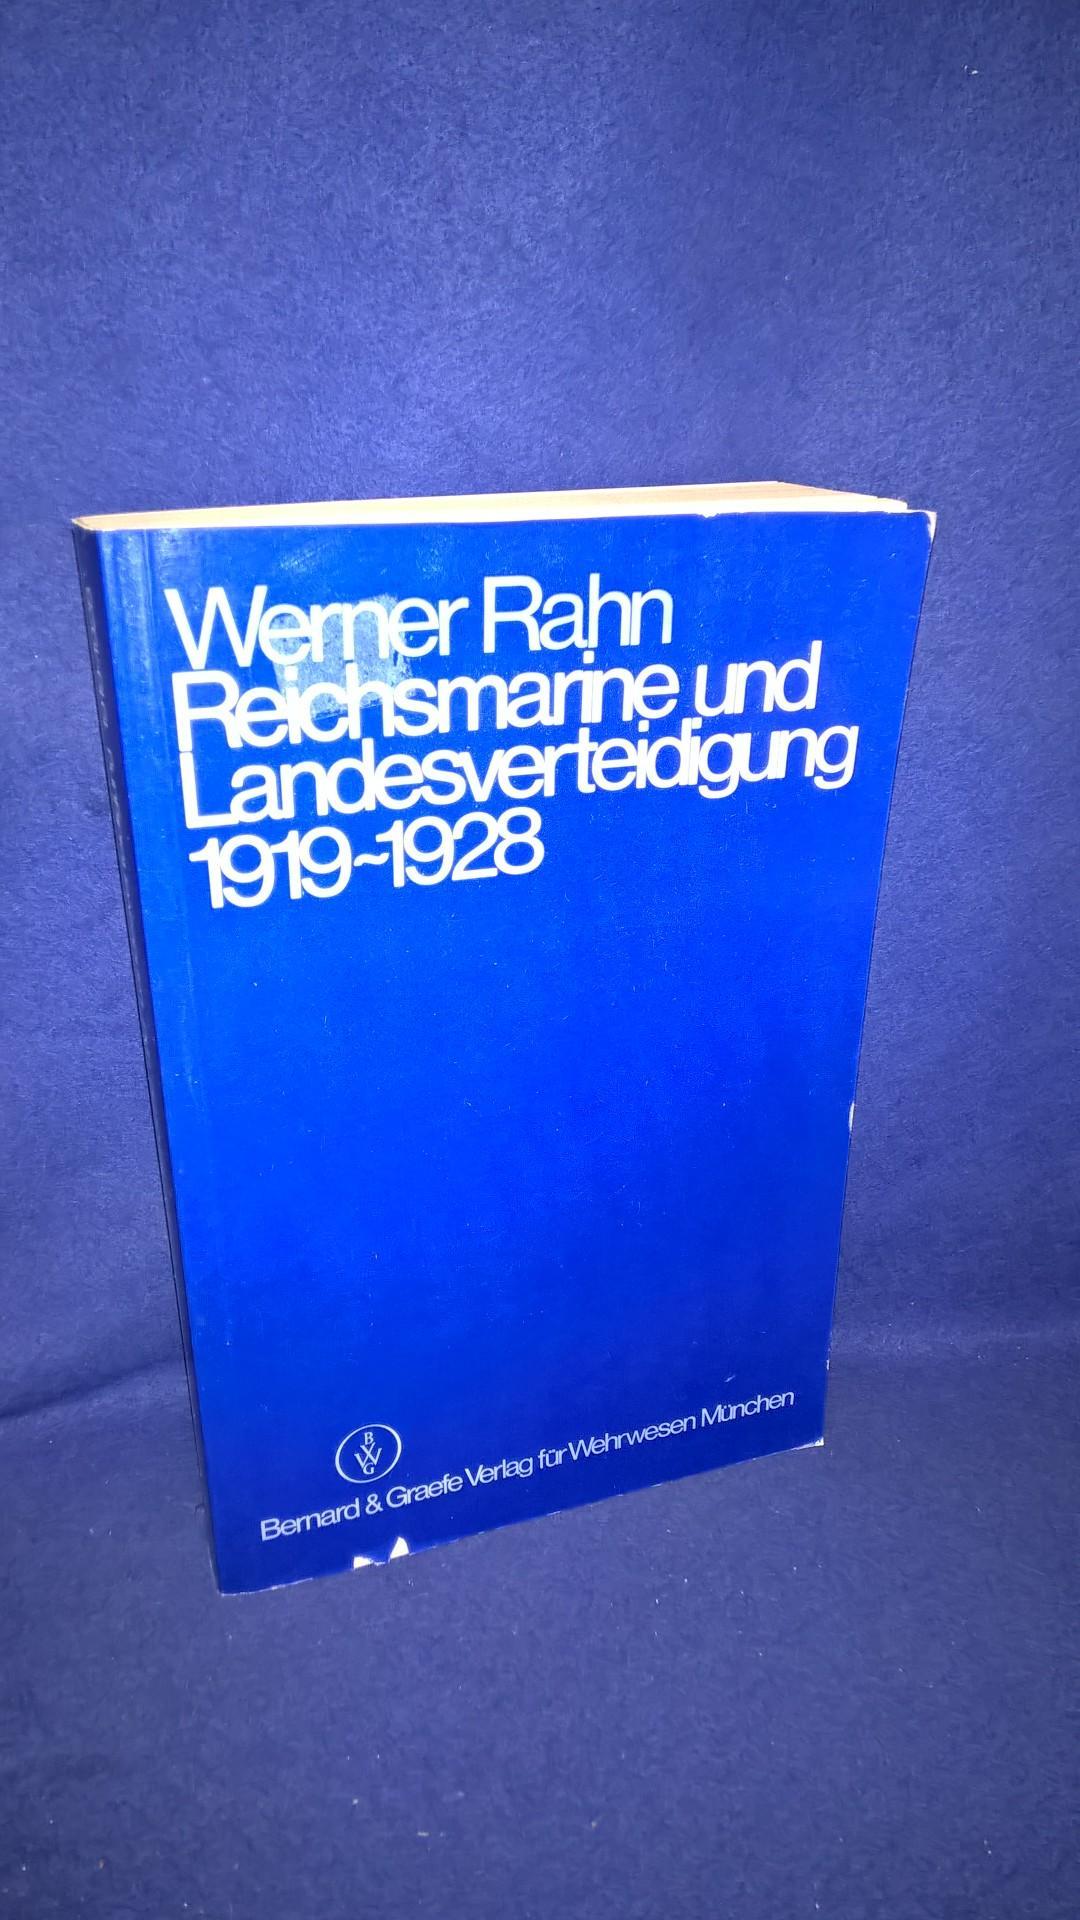 Reichsmarine und Landesverteidigung 1919-1928. Konzeption und Führung der Marine in der Weimarer Republik.